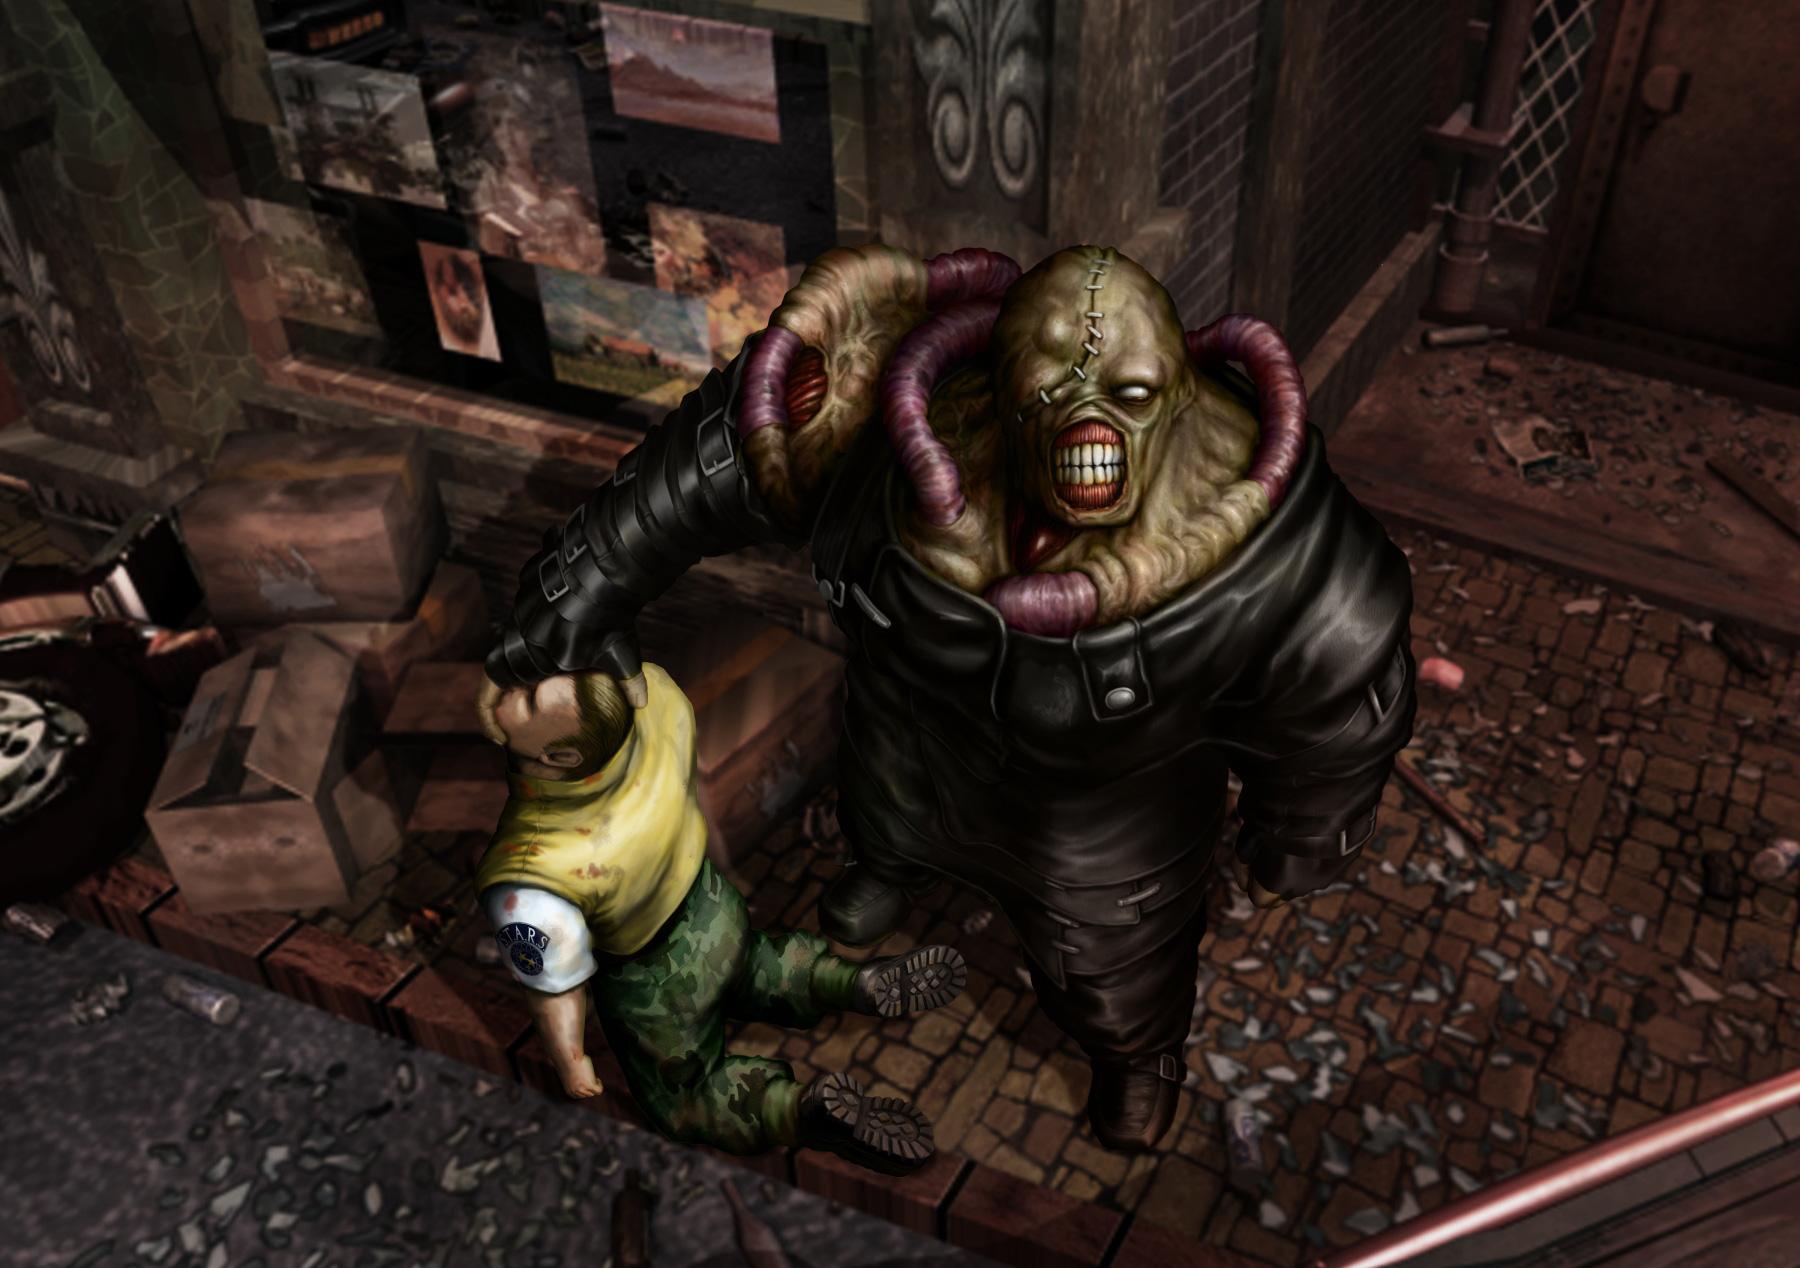 """Die ursprüngliche PlayStation-Version seines Horror-Klassikers """"Resident Evil 3"""" ließ Capcom bereits 1999 auf die Gamer-Gemeinde los. 2003 bringt Capcom eine kosmetisch aufpolierte Fassung für Nintendos Gamecube."""